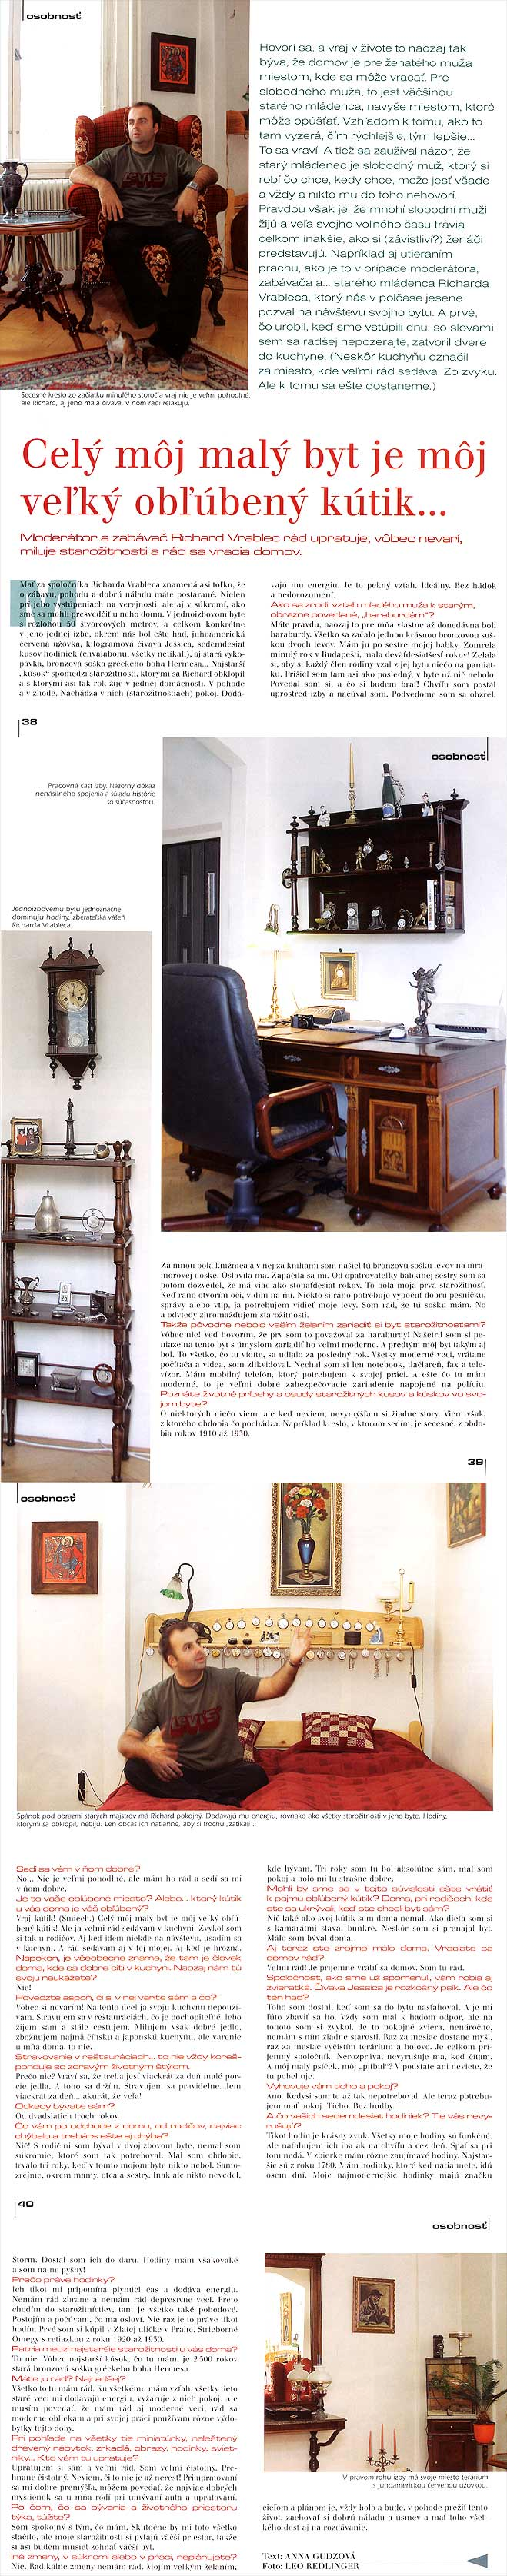 Štýl bývania, Január/Február 2004: Celý môj malý byt je môj veľký obľúbený kútik